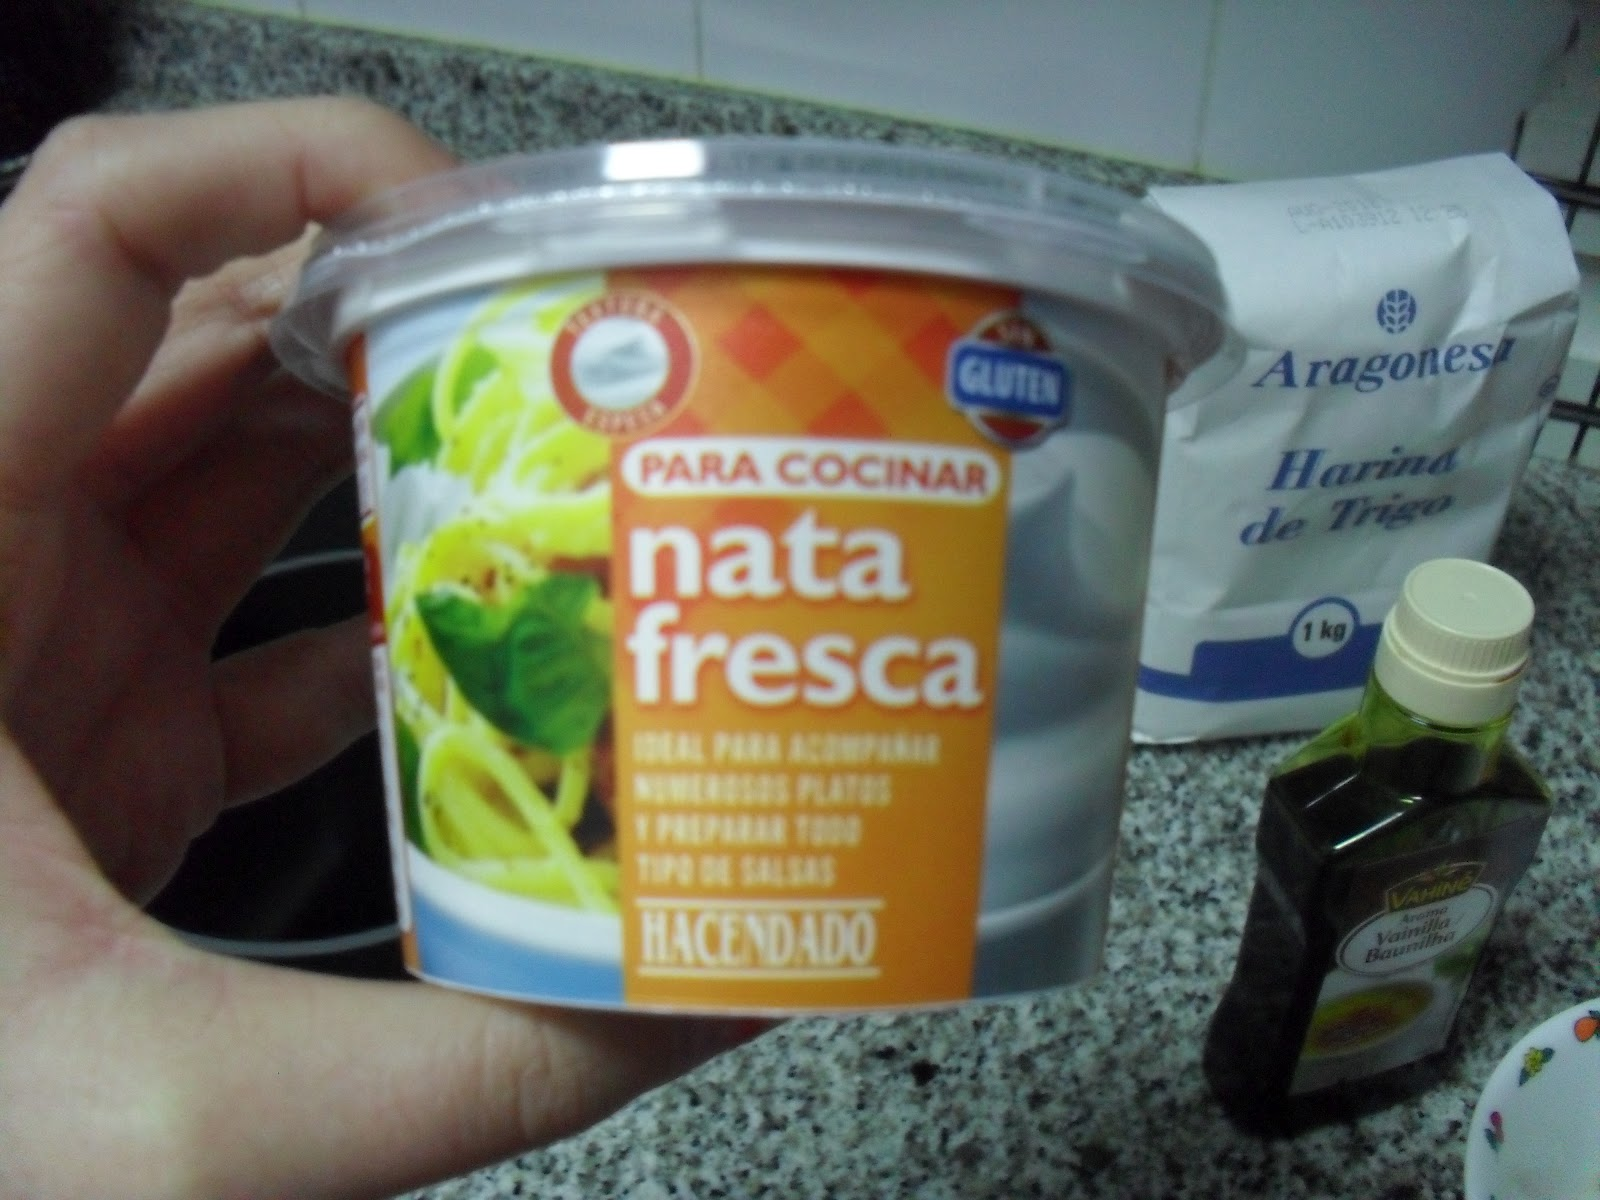 Viajes dulces y otras debilidades 10 brownie cheesecake for Nata para cocinar mercadona